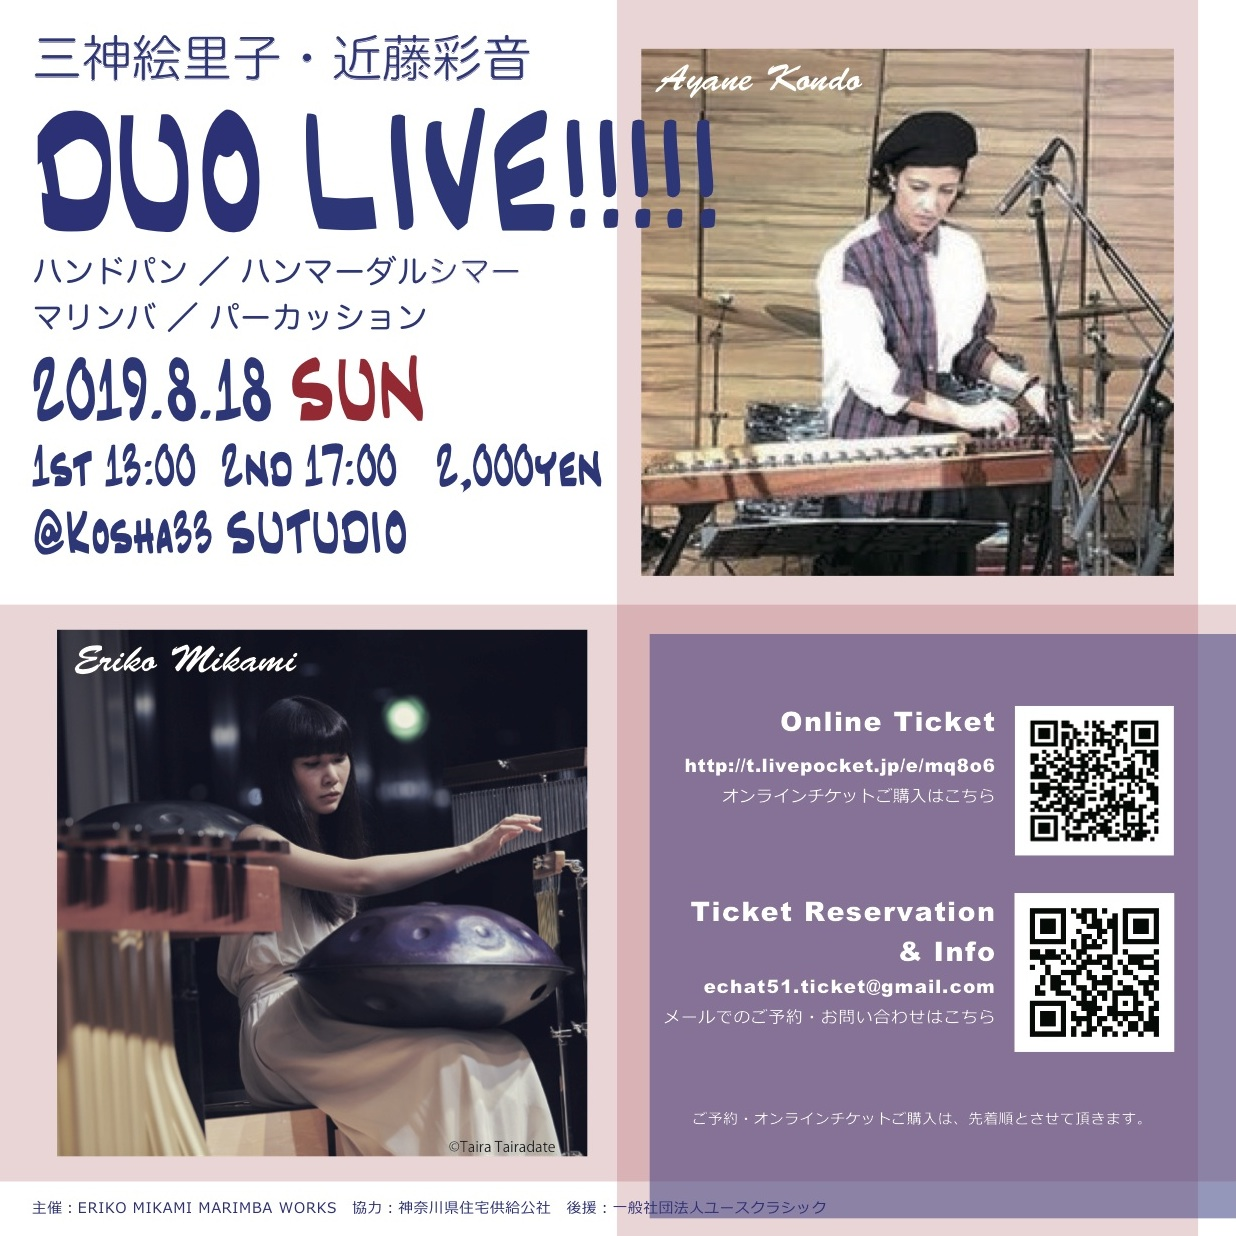 三神絵里子・近藤彩音 DUO LIVE!!!!!